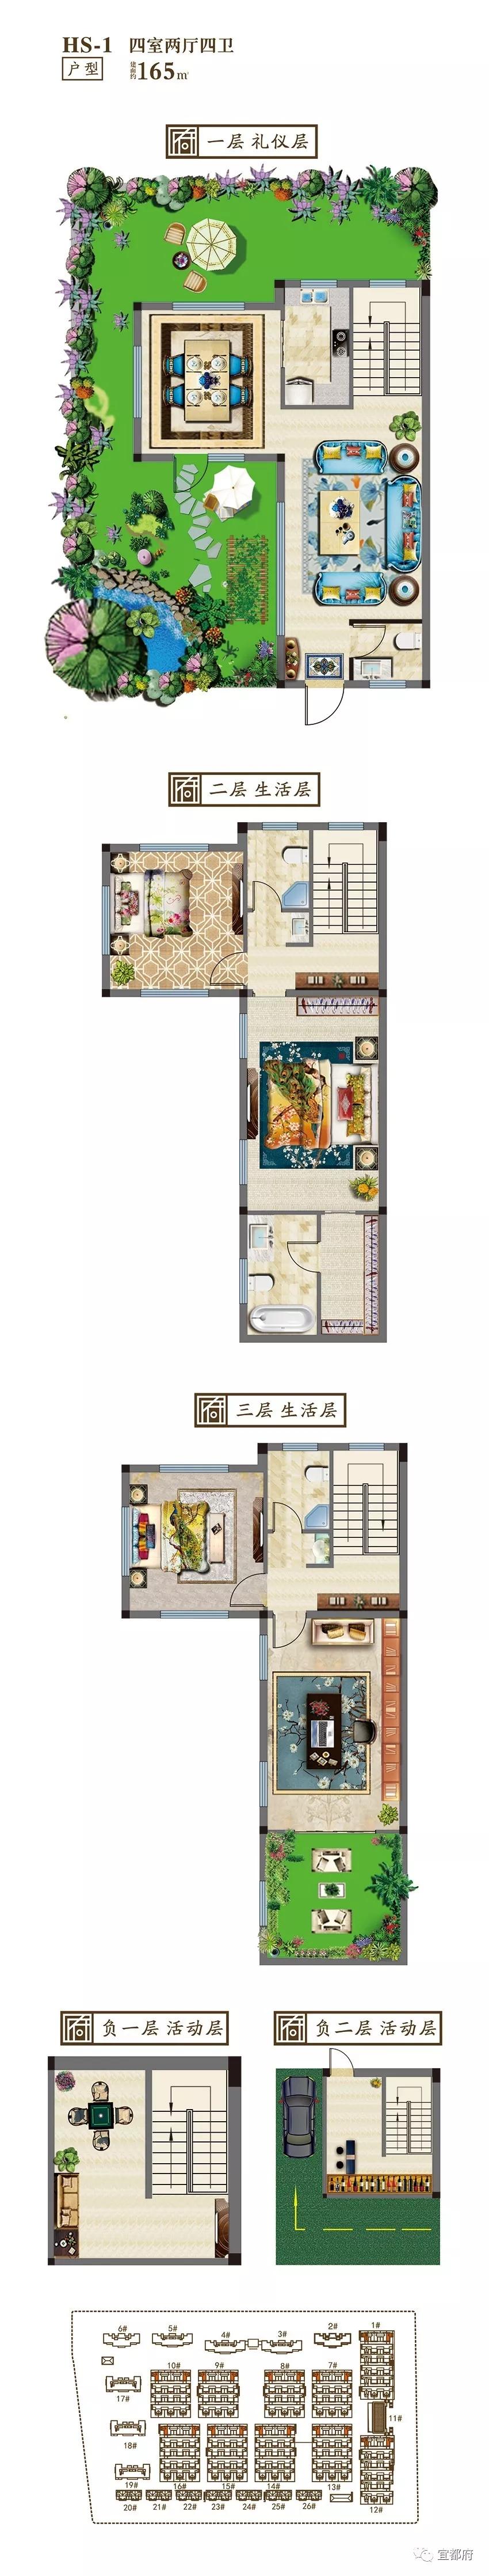 华景宜都府华景宜都府HS-1户型-4室2厅户型图